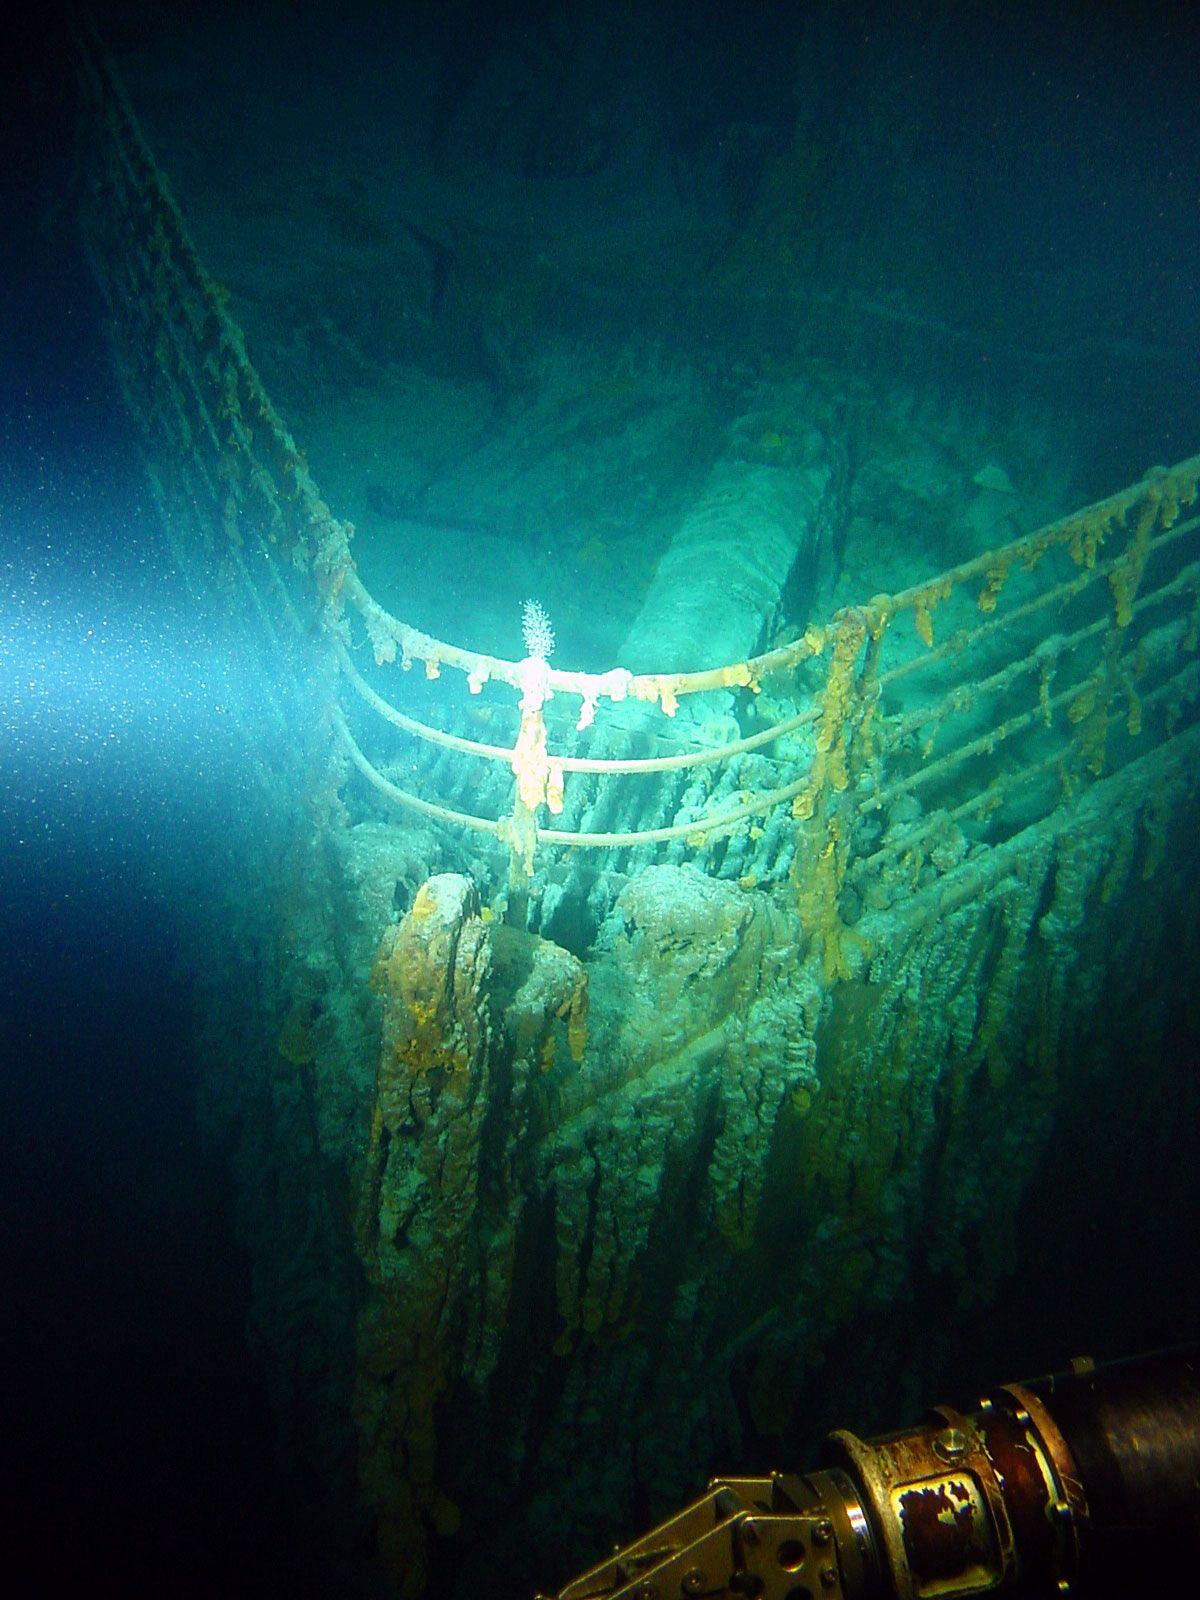 картинка как выглядит титаник под водой детальные